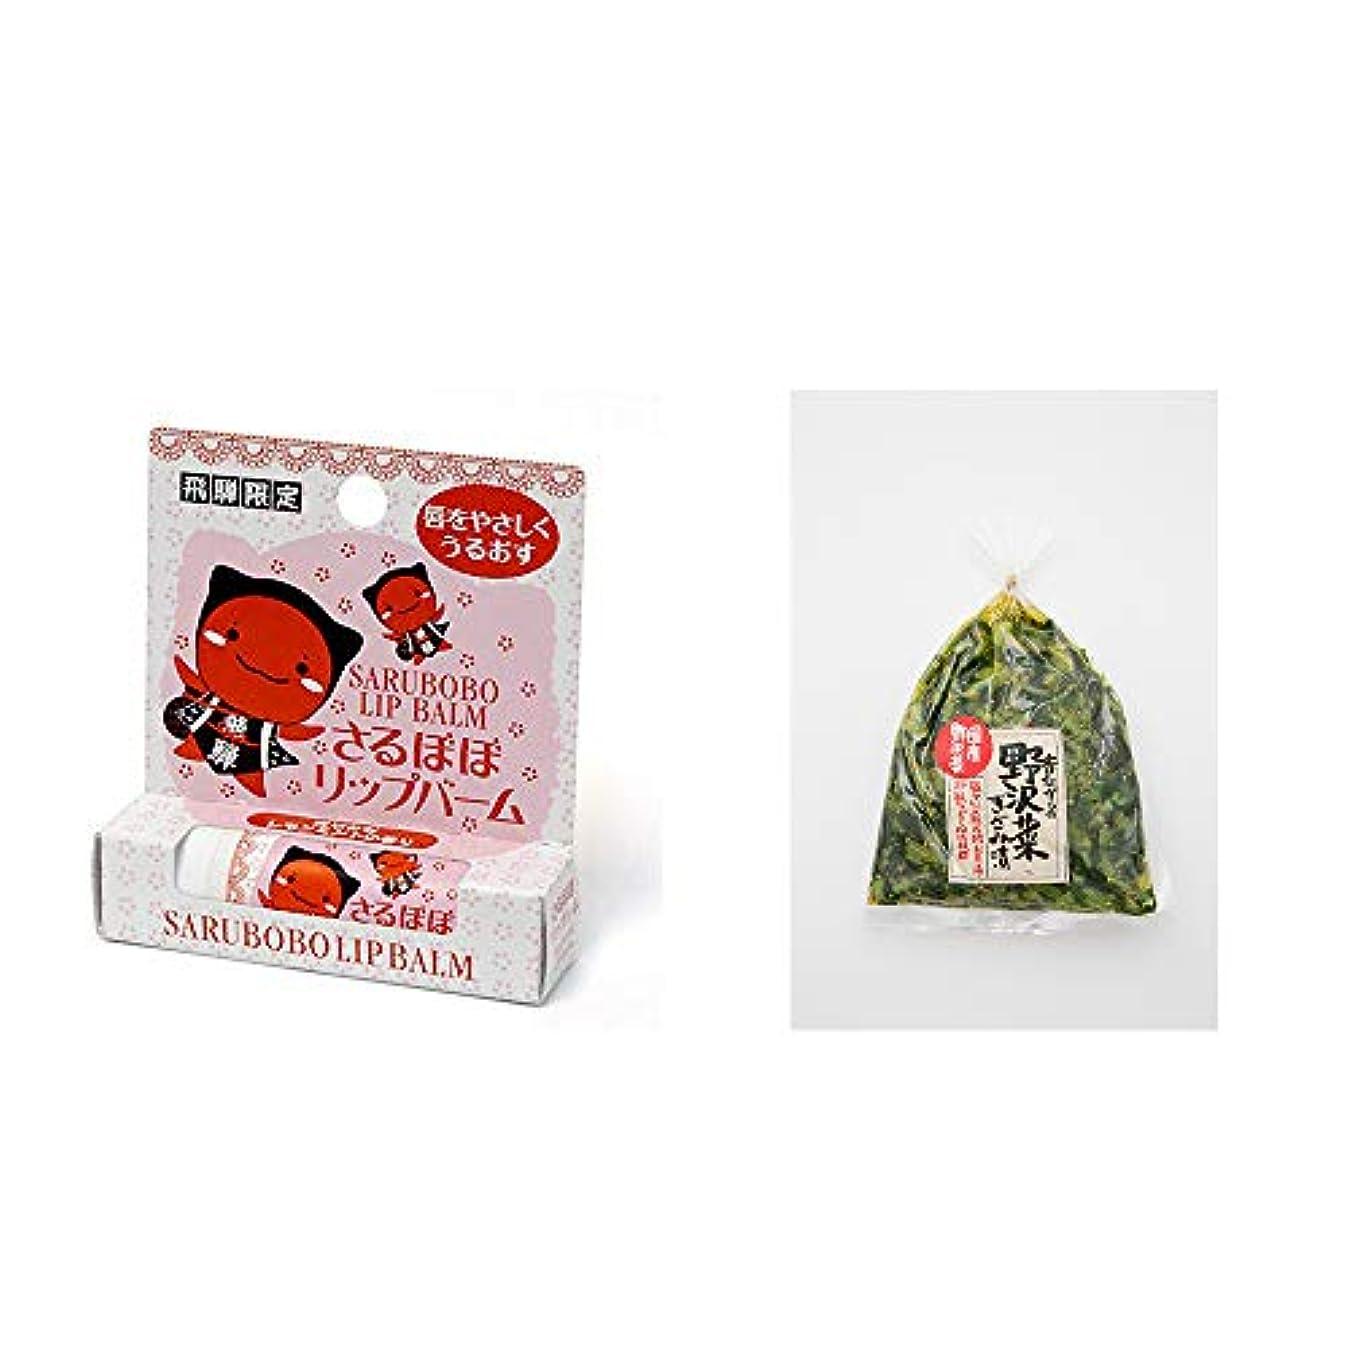 デンマークまだらキノコ[2点セット] さるぼぼ リップバーム(4g) ?国産 昔ながらの野沢菜きざみ漬け(150g)